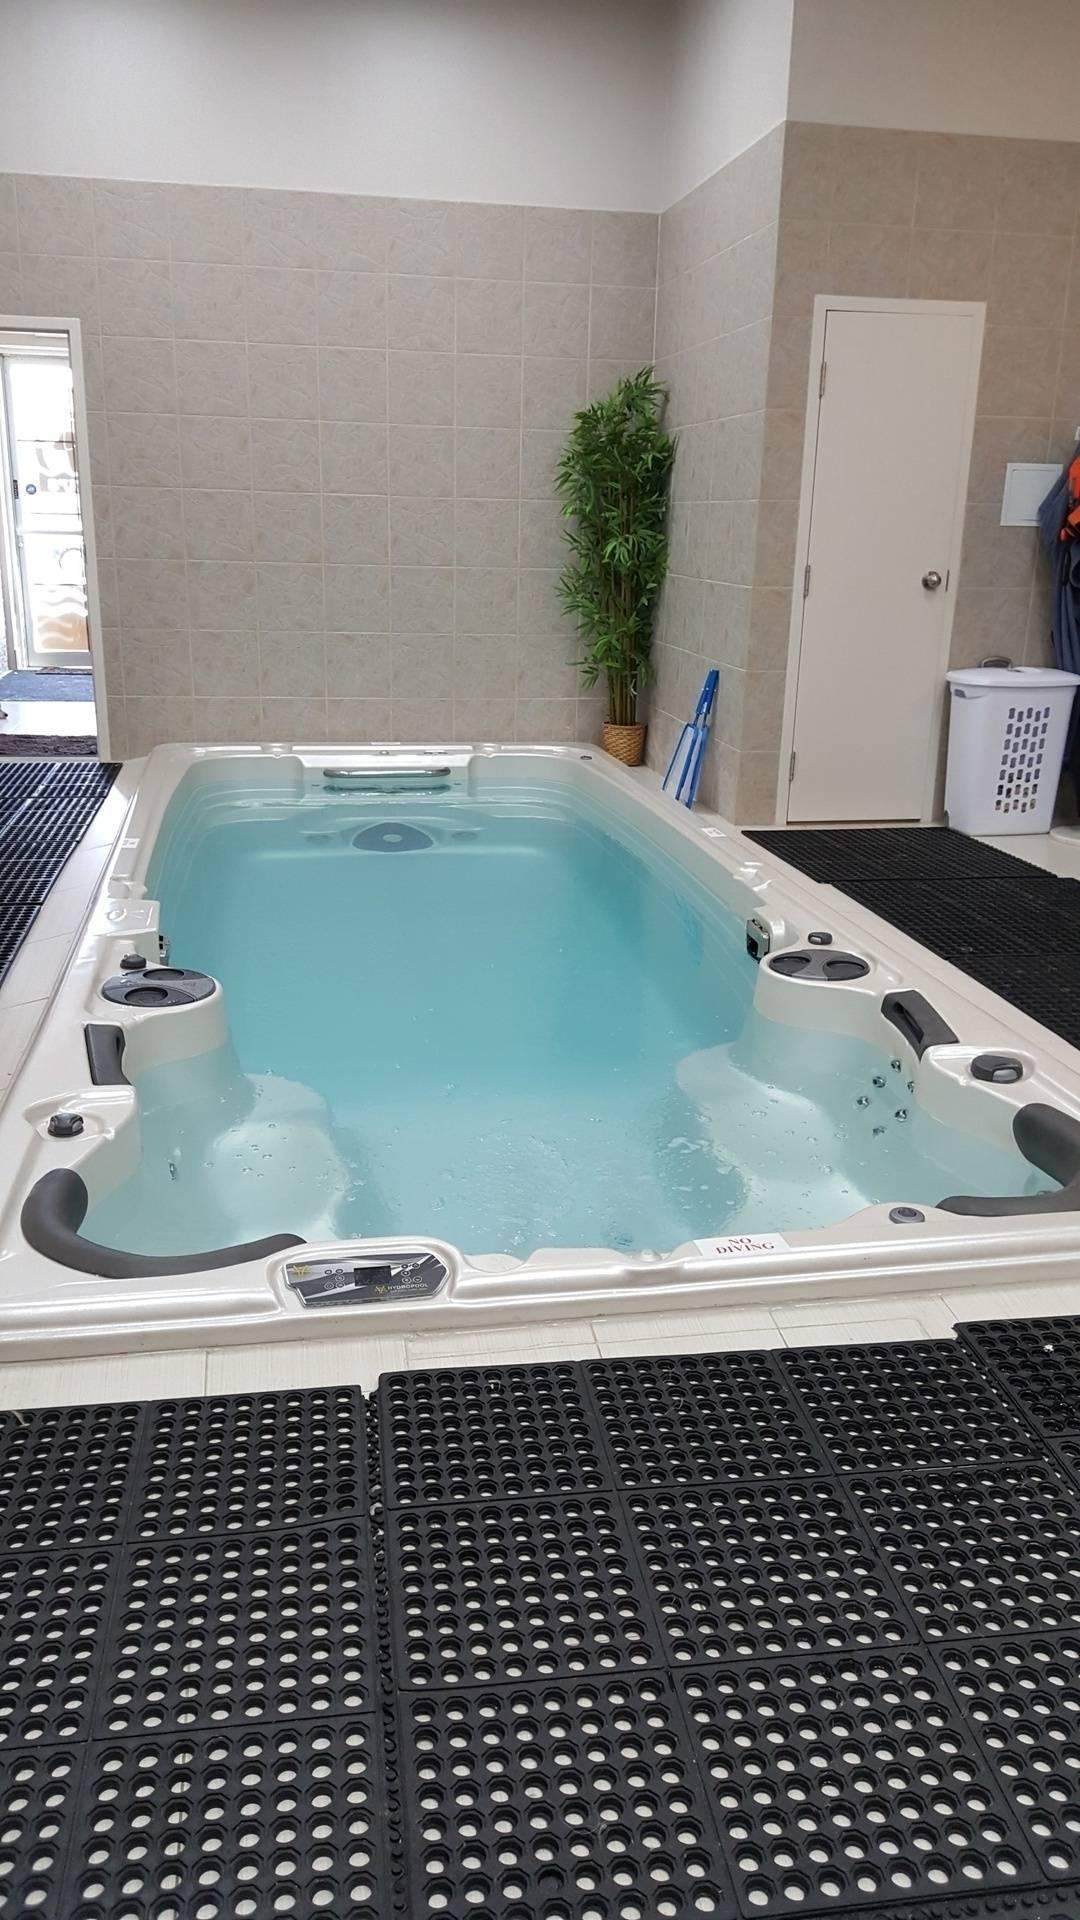 K9 Aquafitness centre